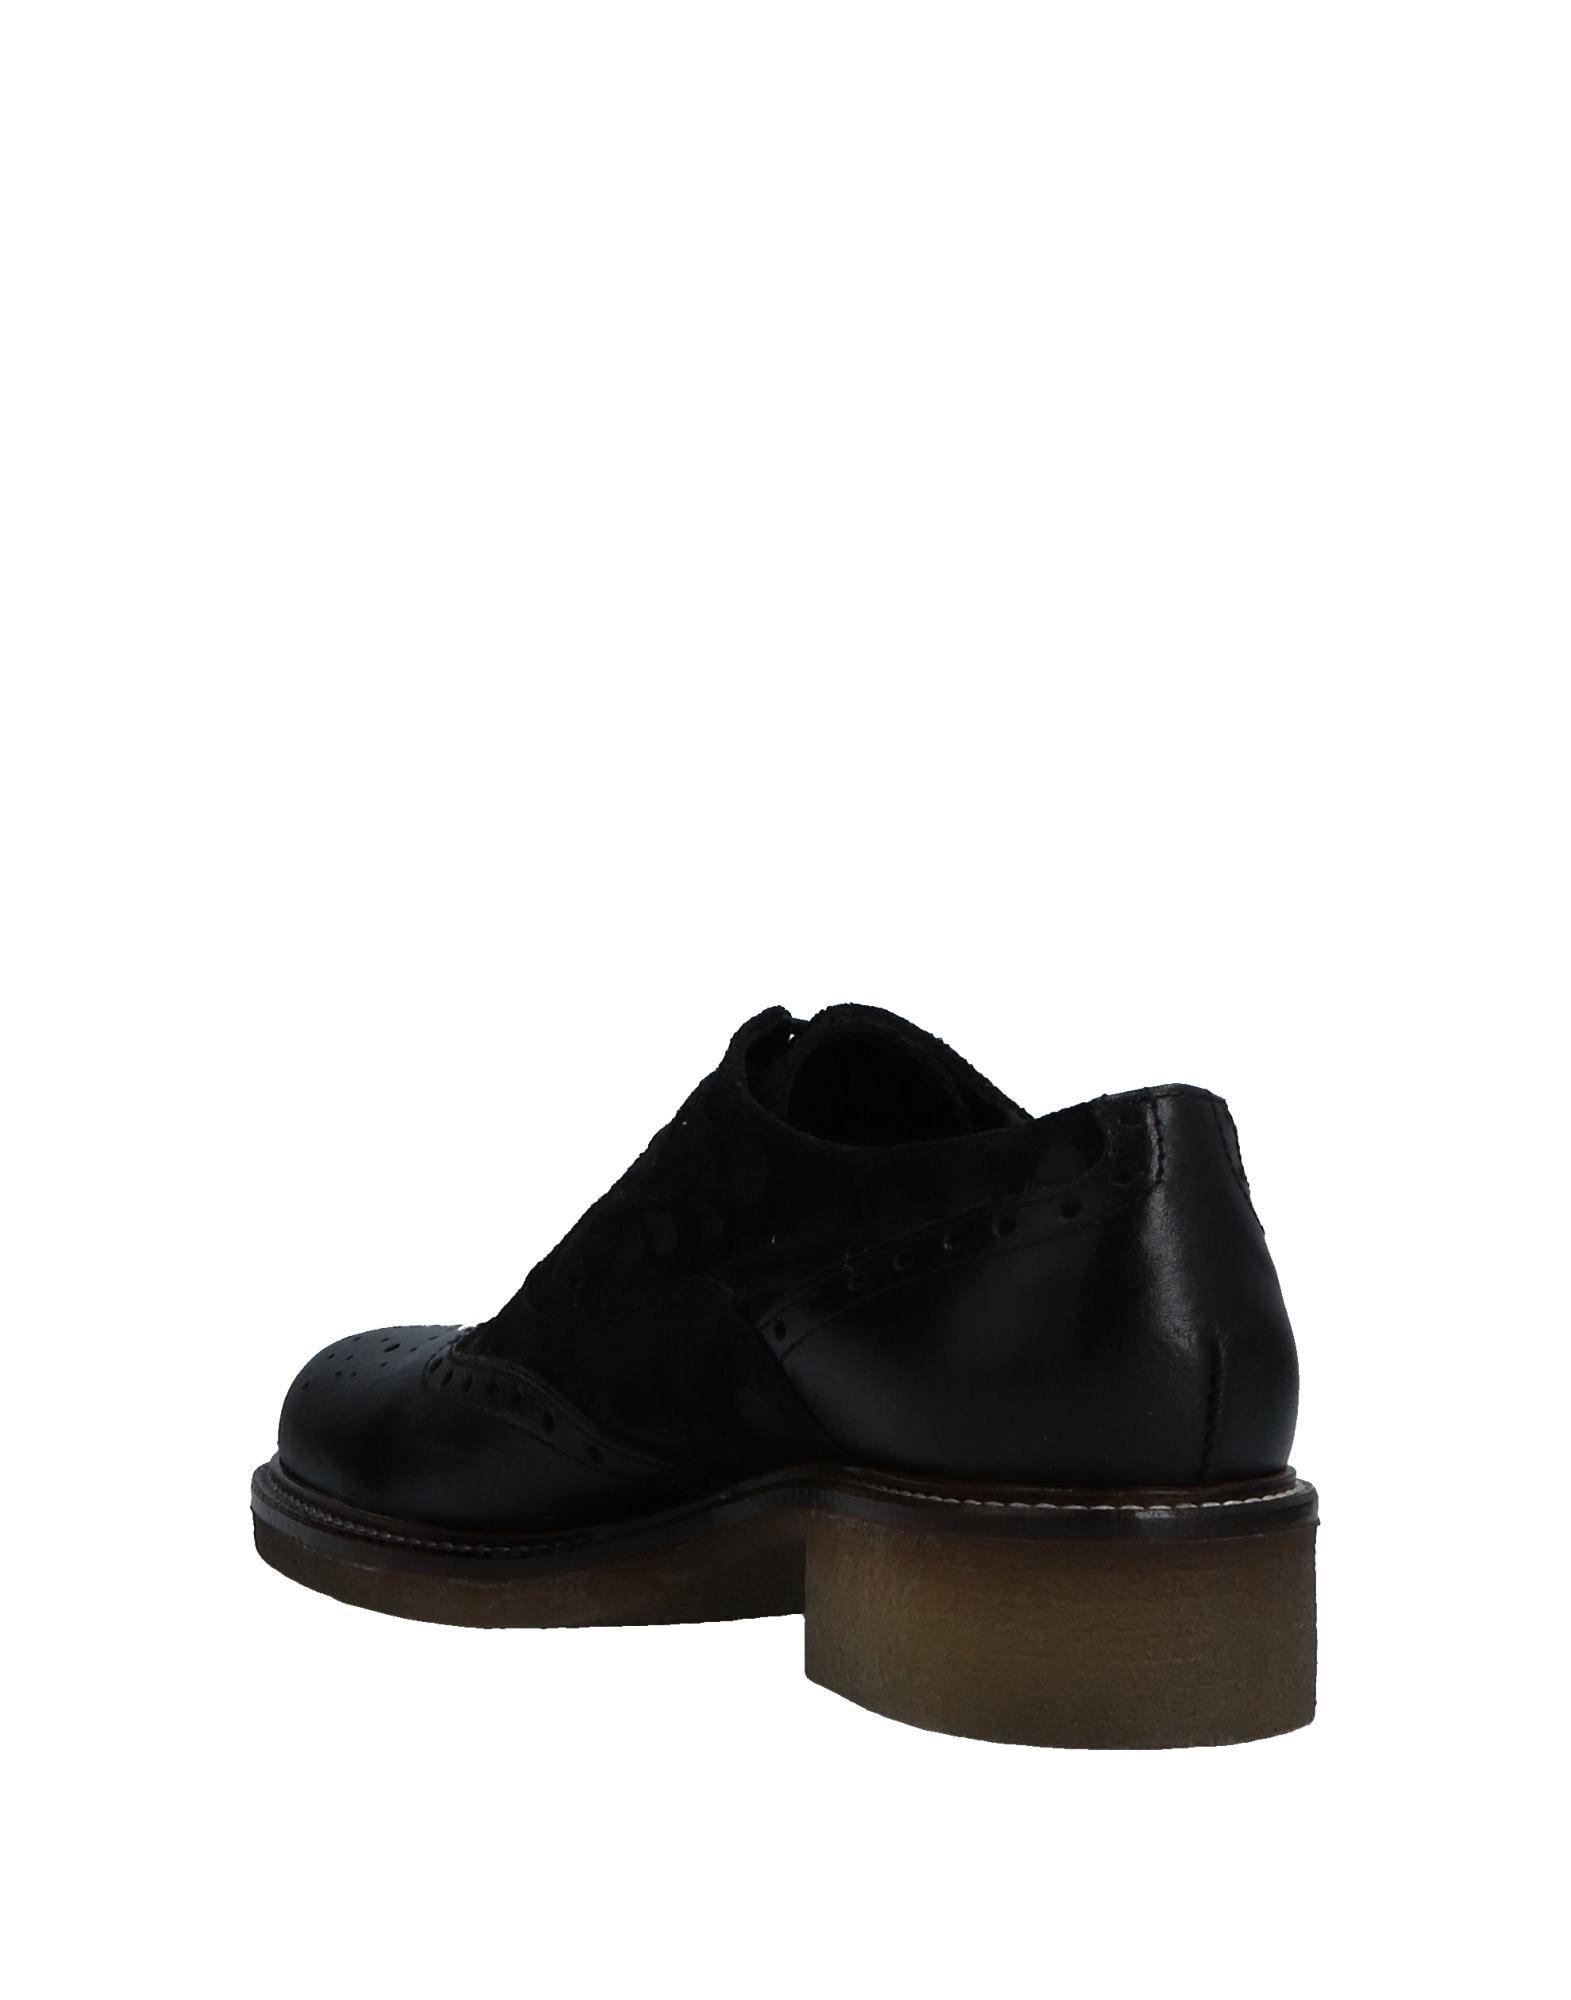 Donna Più Schnürschuhe Damen  Schuhe 11527111LQ Gute Qualität beliebte Schuhe  6695fc